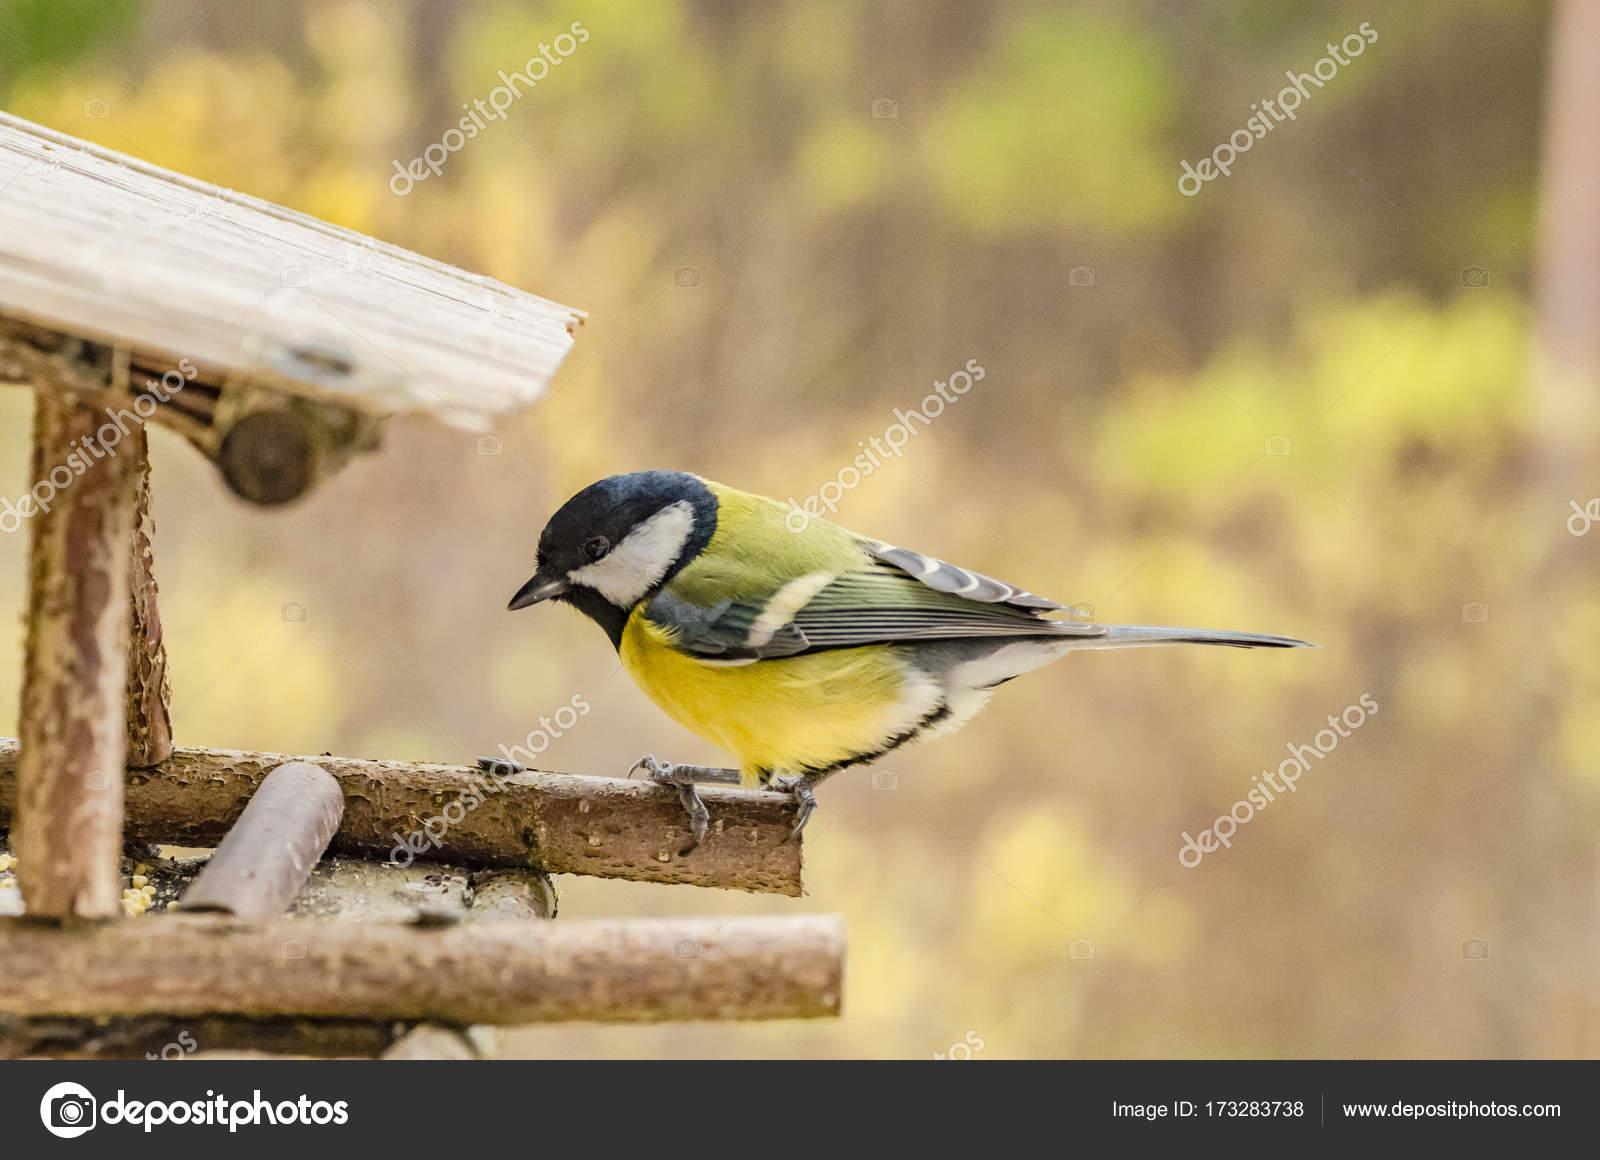 Ψάχνοντας για ένα μεγάλο πουλί